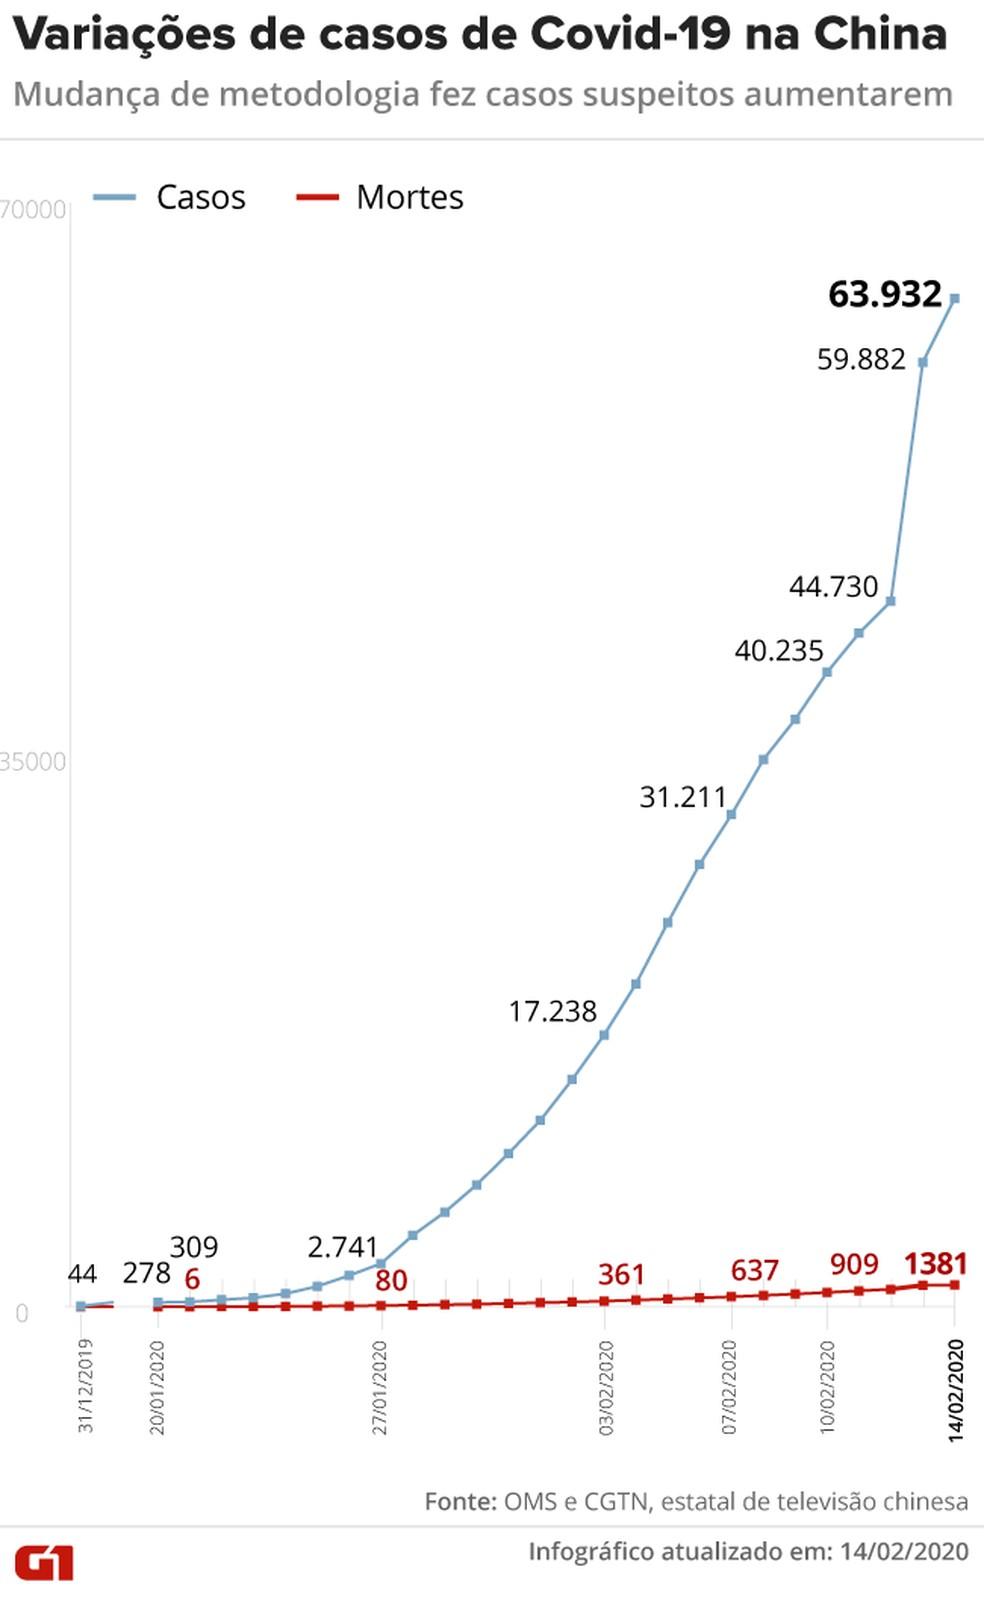 Covid-19, a doença do novo coronavírus: mudança de metodologia da China fez casos aumentarem de 44,7 mil para 59,8 mil. — Foto: Infografia: Juliana Souza/G1